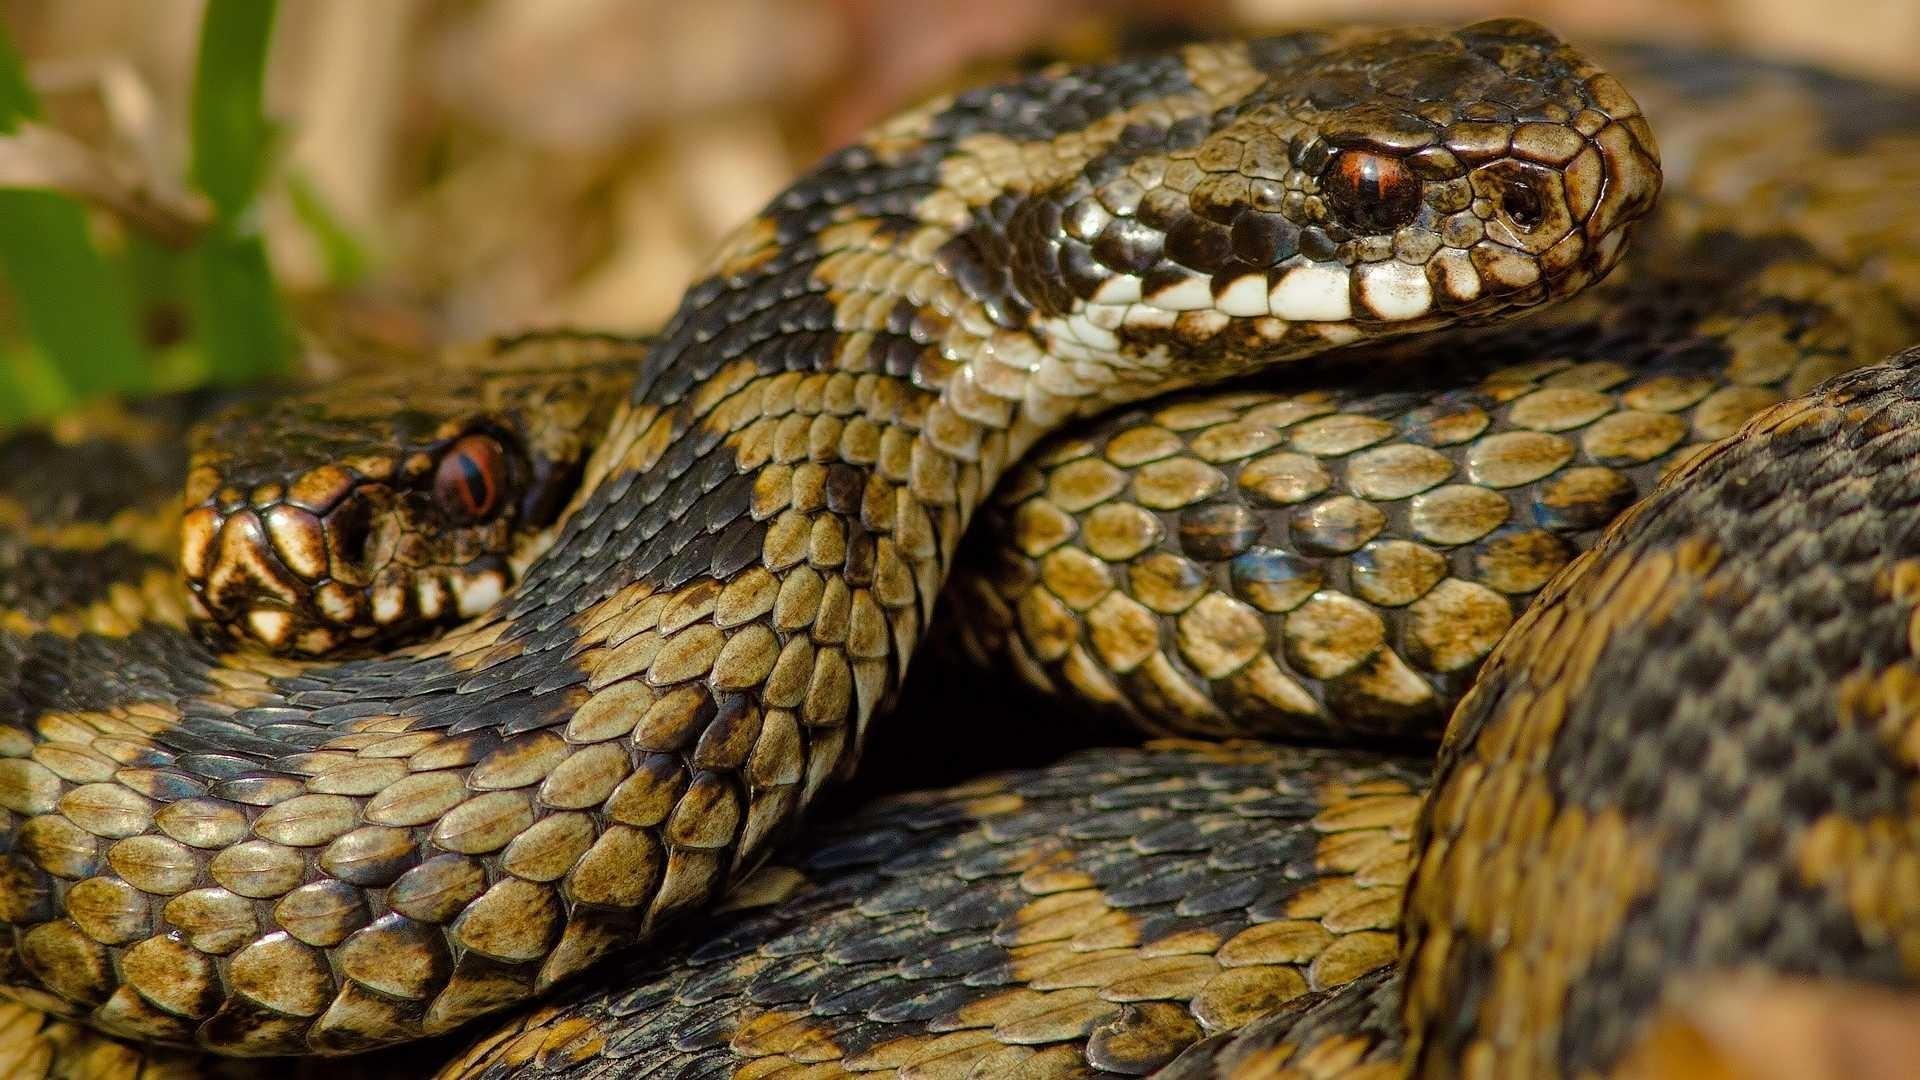 Snake Wallpaper for pc